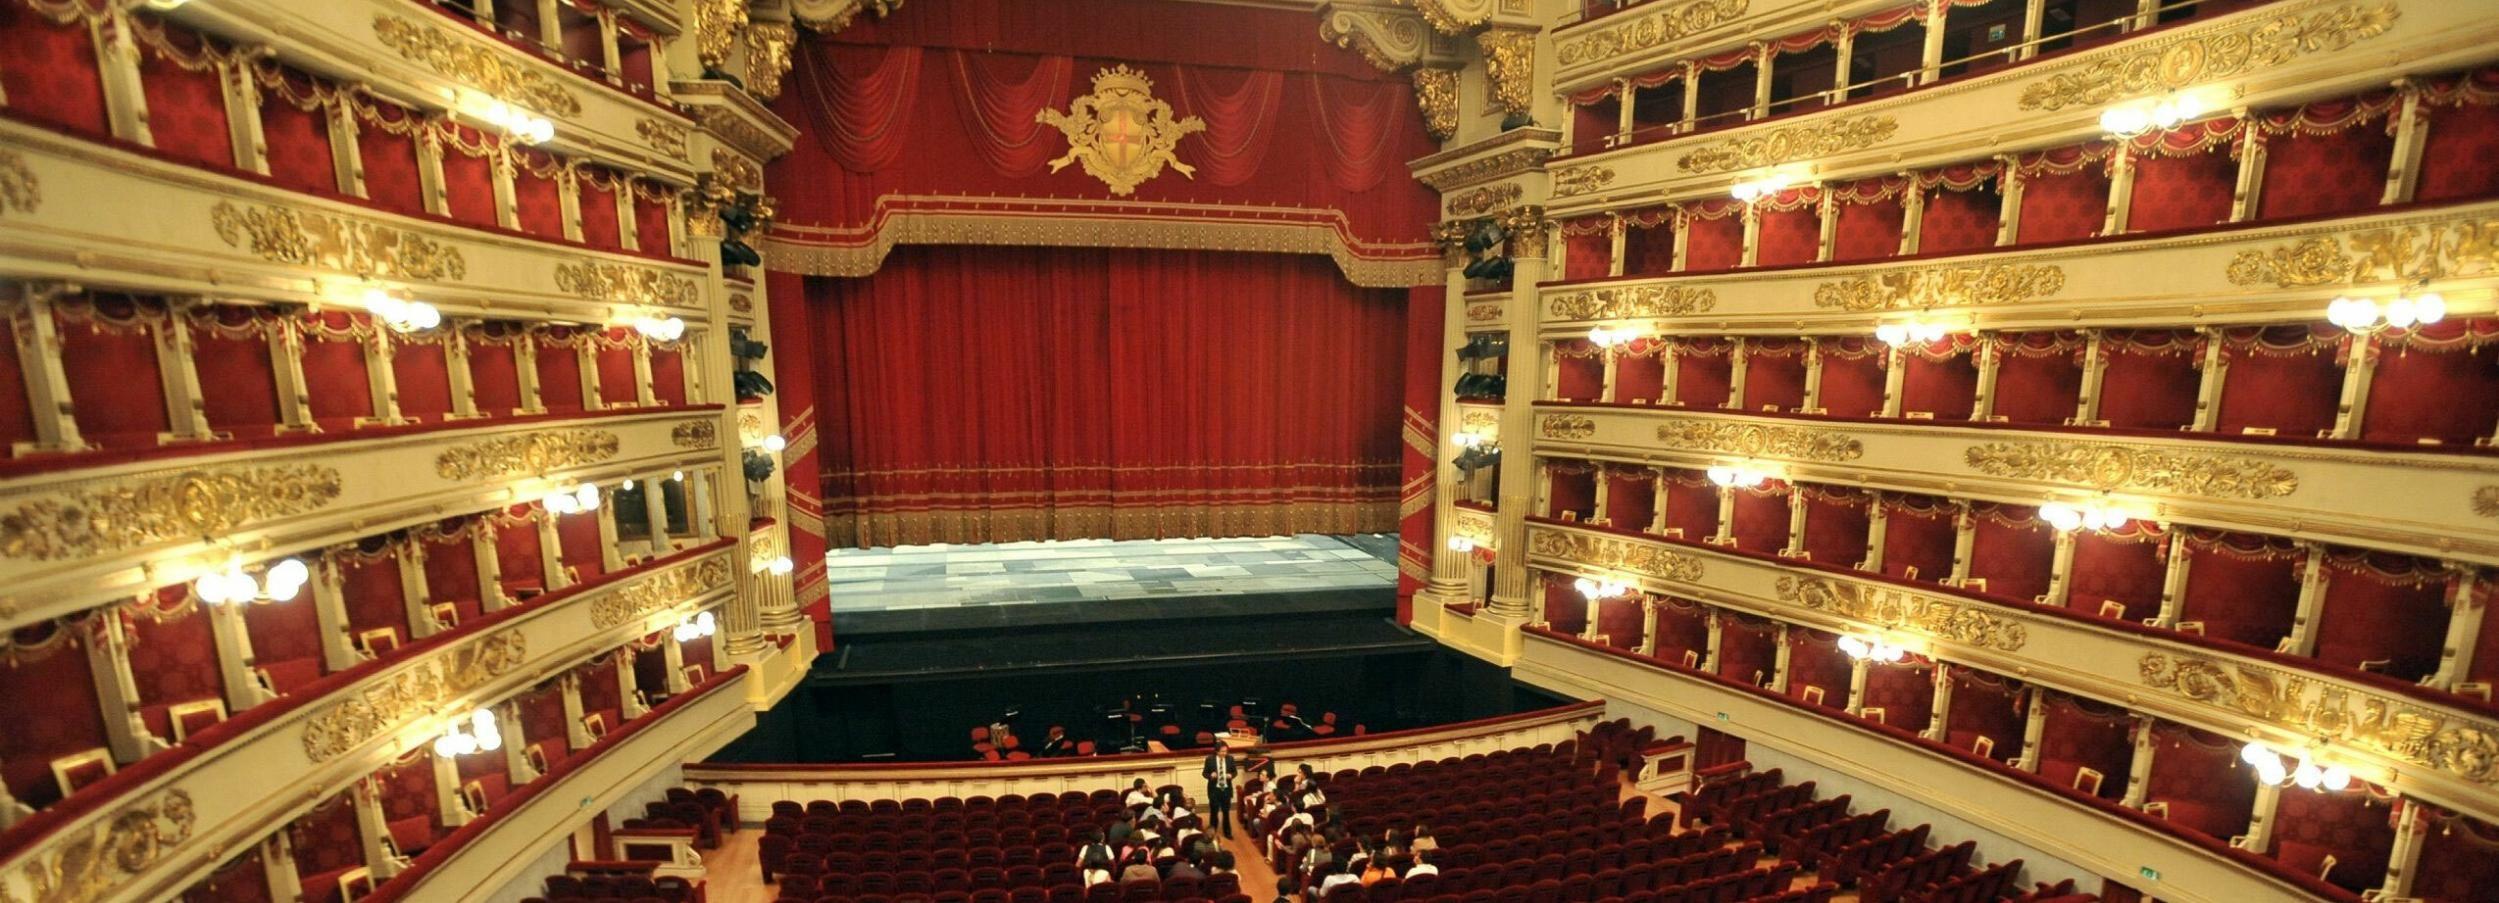 Милан: экскурсия в музей и театр Ла Скала